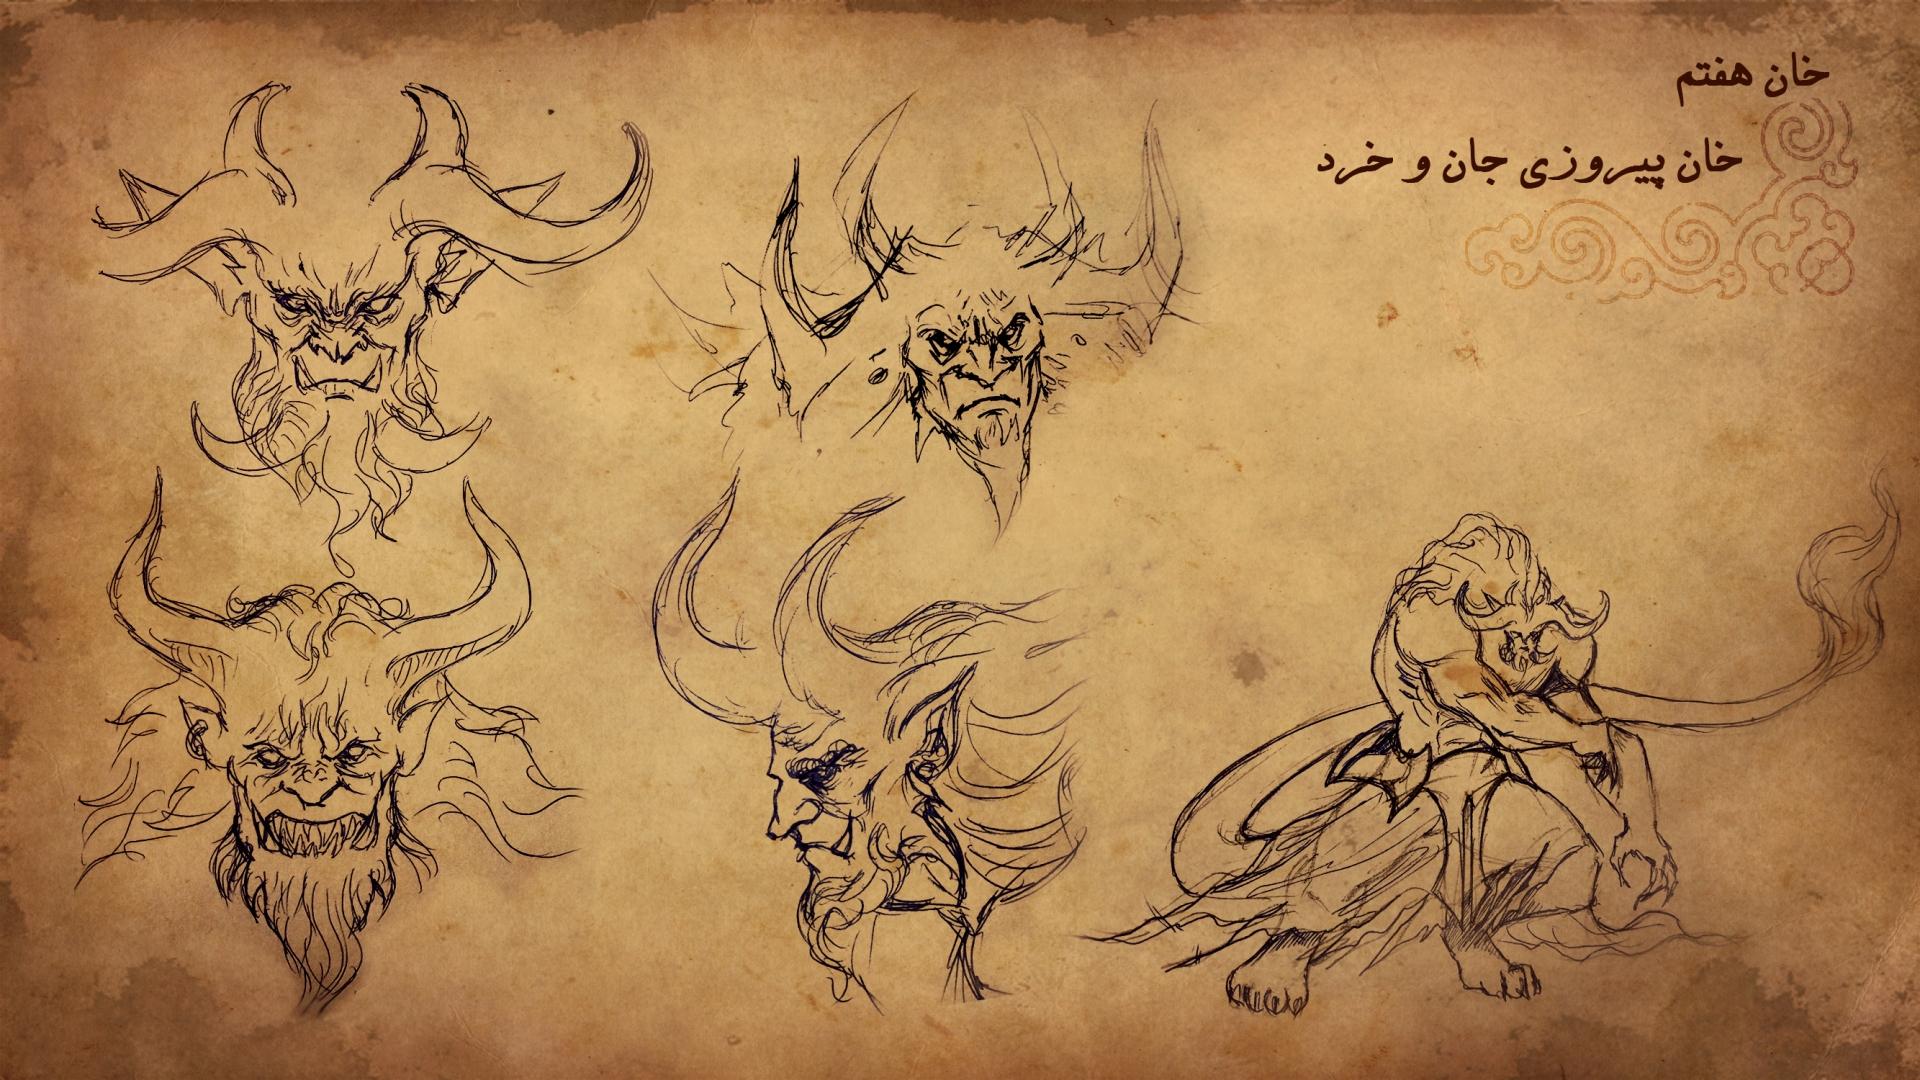 انیمیشن روز بزرگداشت فردوسی - تصویر نمادین سوم